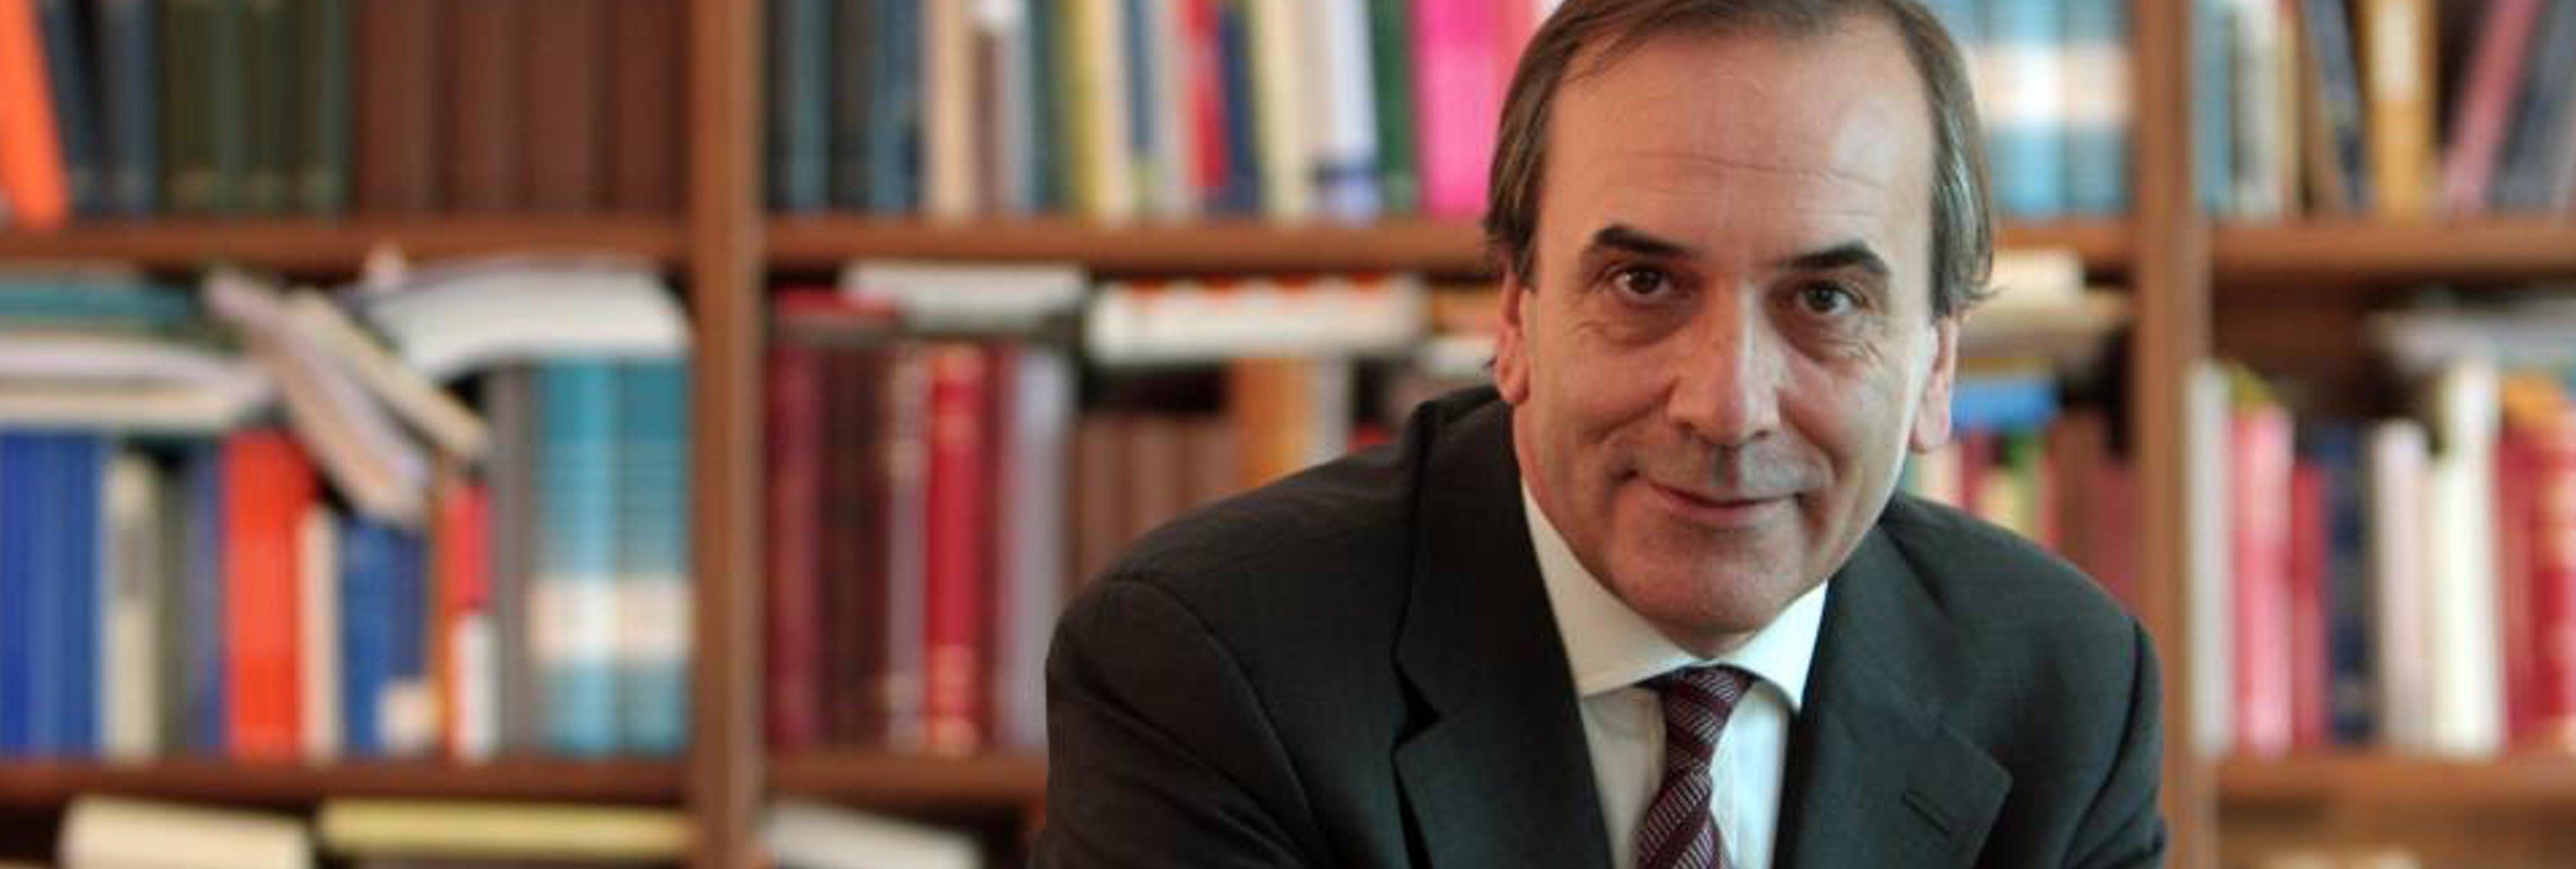 Muere José Antonio Alonso, ministro de Interior y Defensa con Zapatero